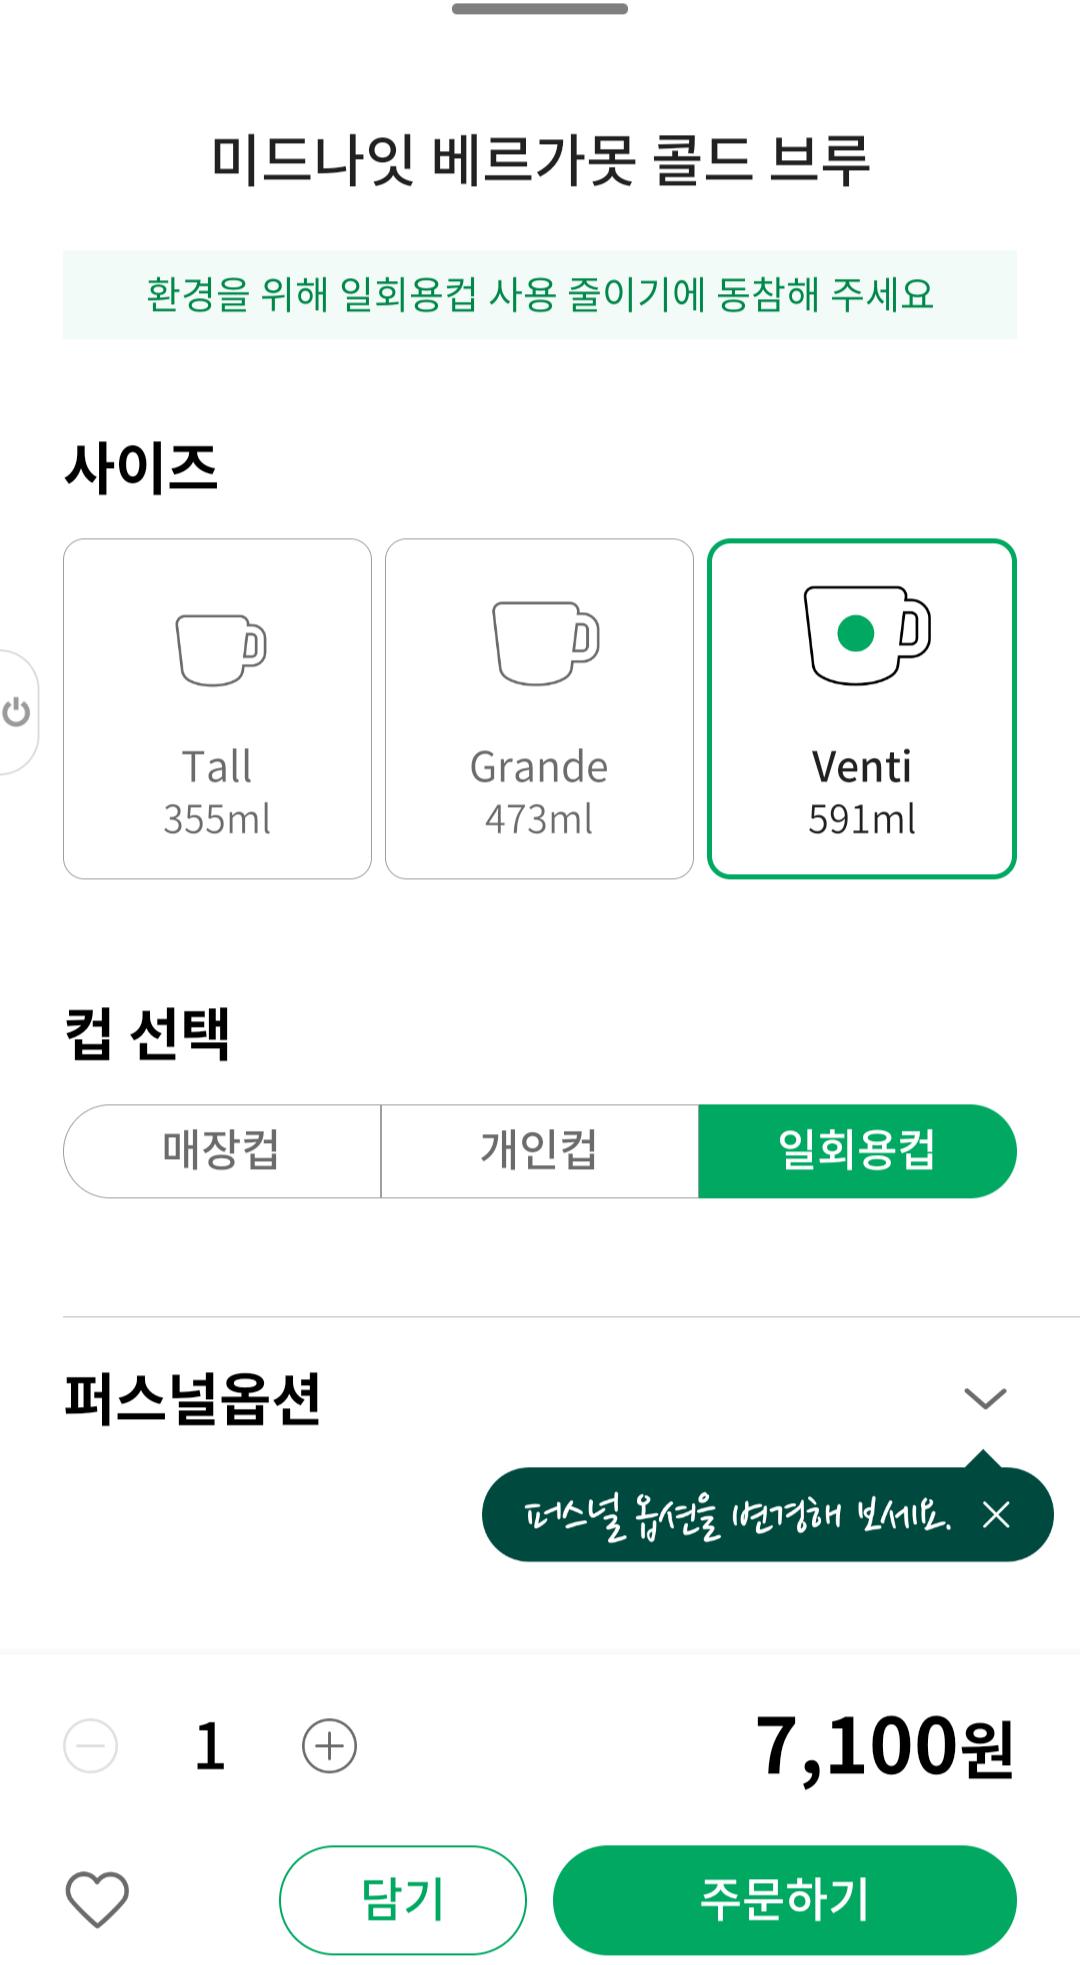 리뉴얼된 스타벅스 앱에서 기프티콘으로 사이렌 오더 주문하는 방법